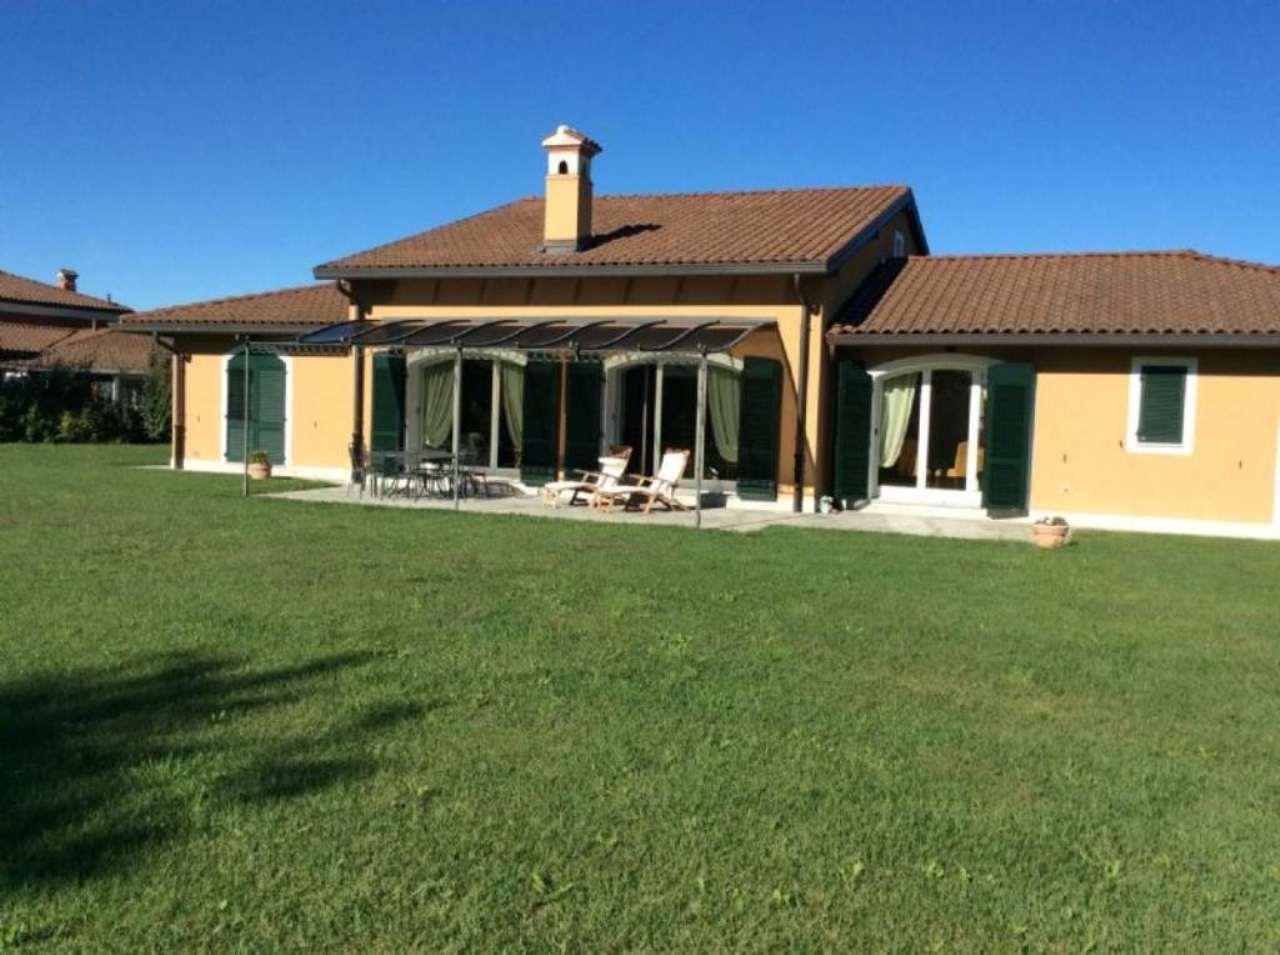 Villa in vendita a Bogogno, 6 locali, prezzo € 1.800.000 | Cambio Casa.it